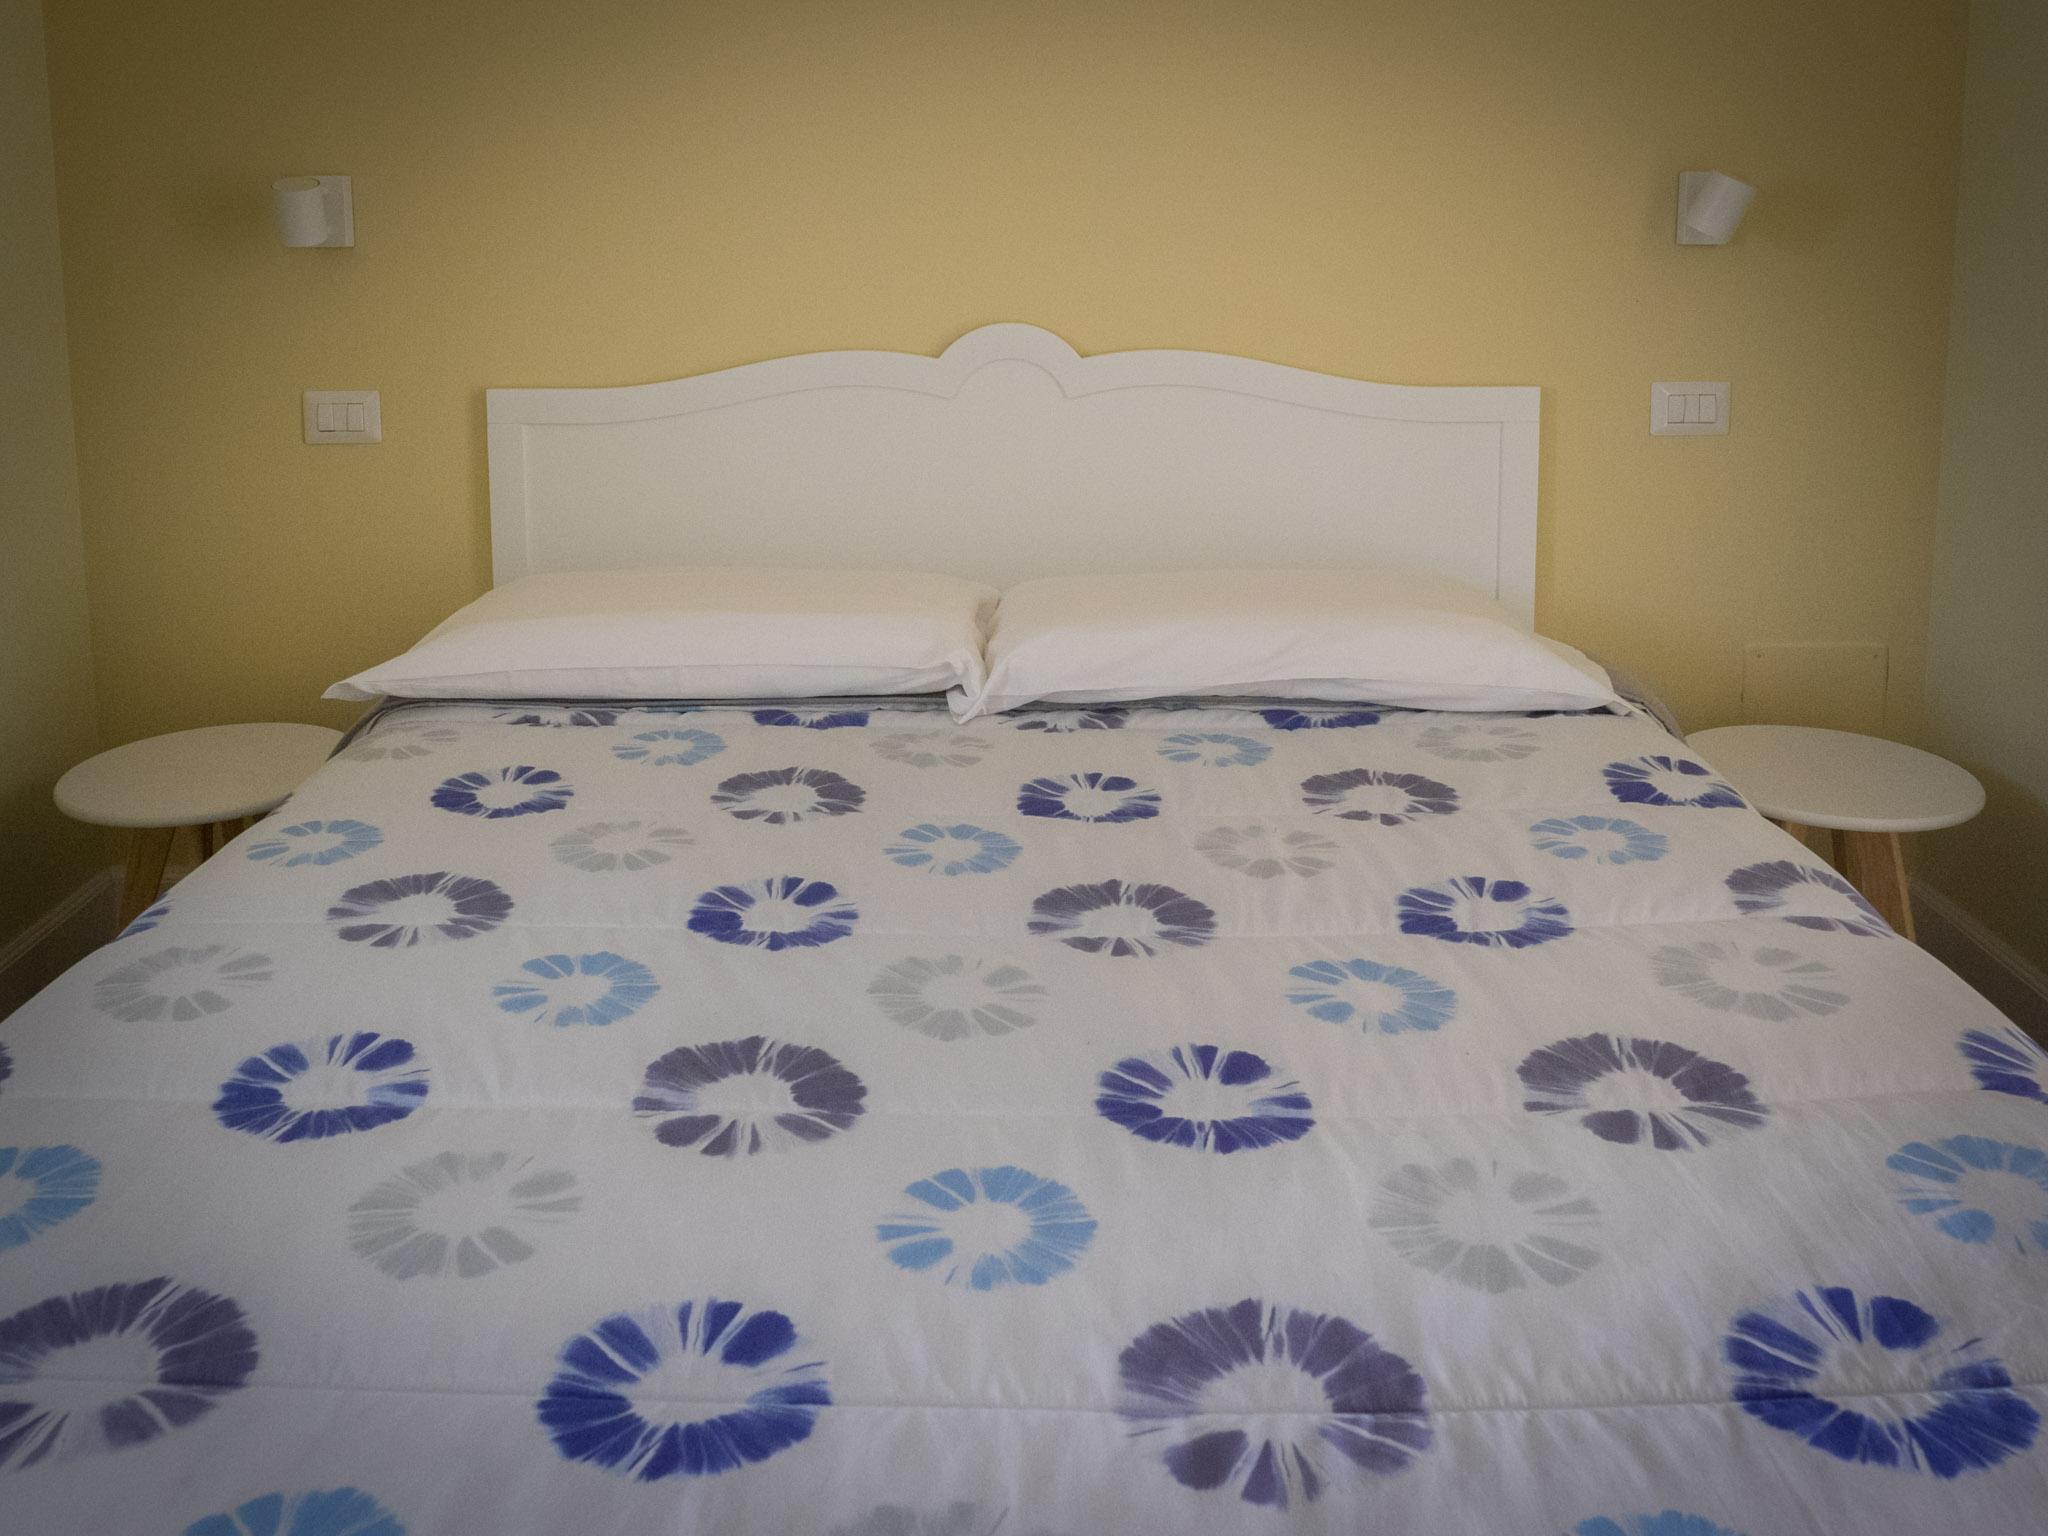 sanniti apartments la-casa-dei-nonni-casa-vacanze-bb-camere-dormire-sassi-di-matera-basilicata-15